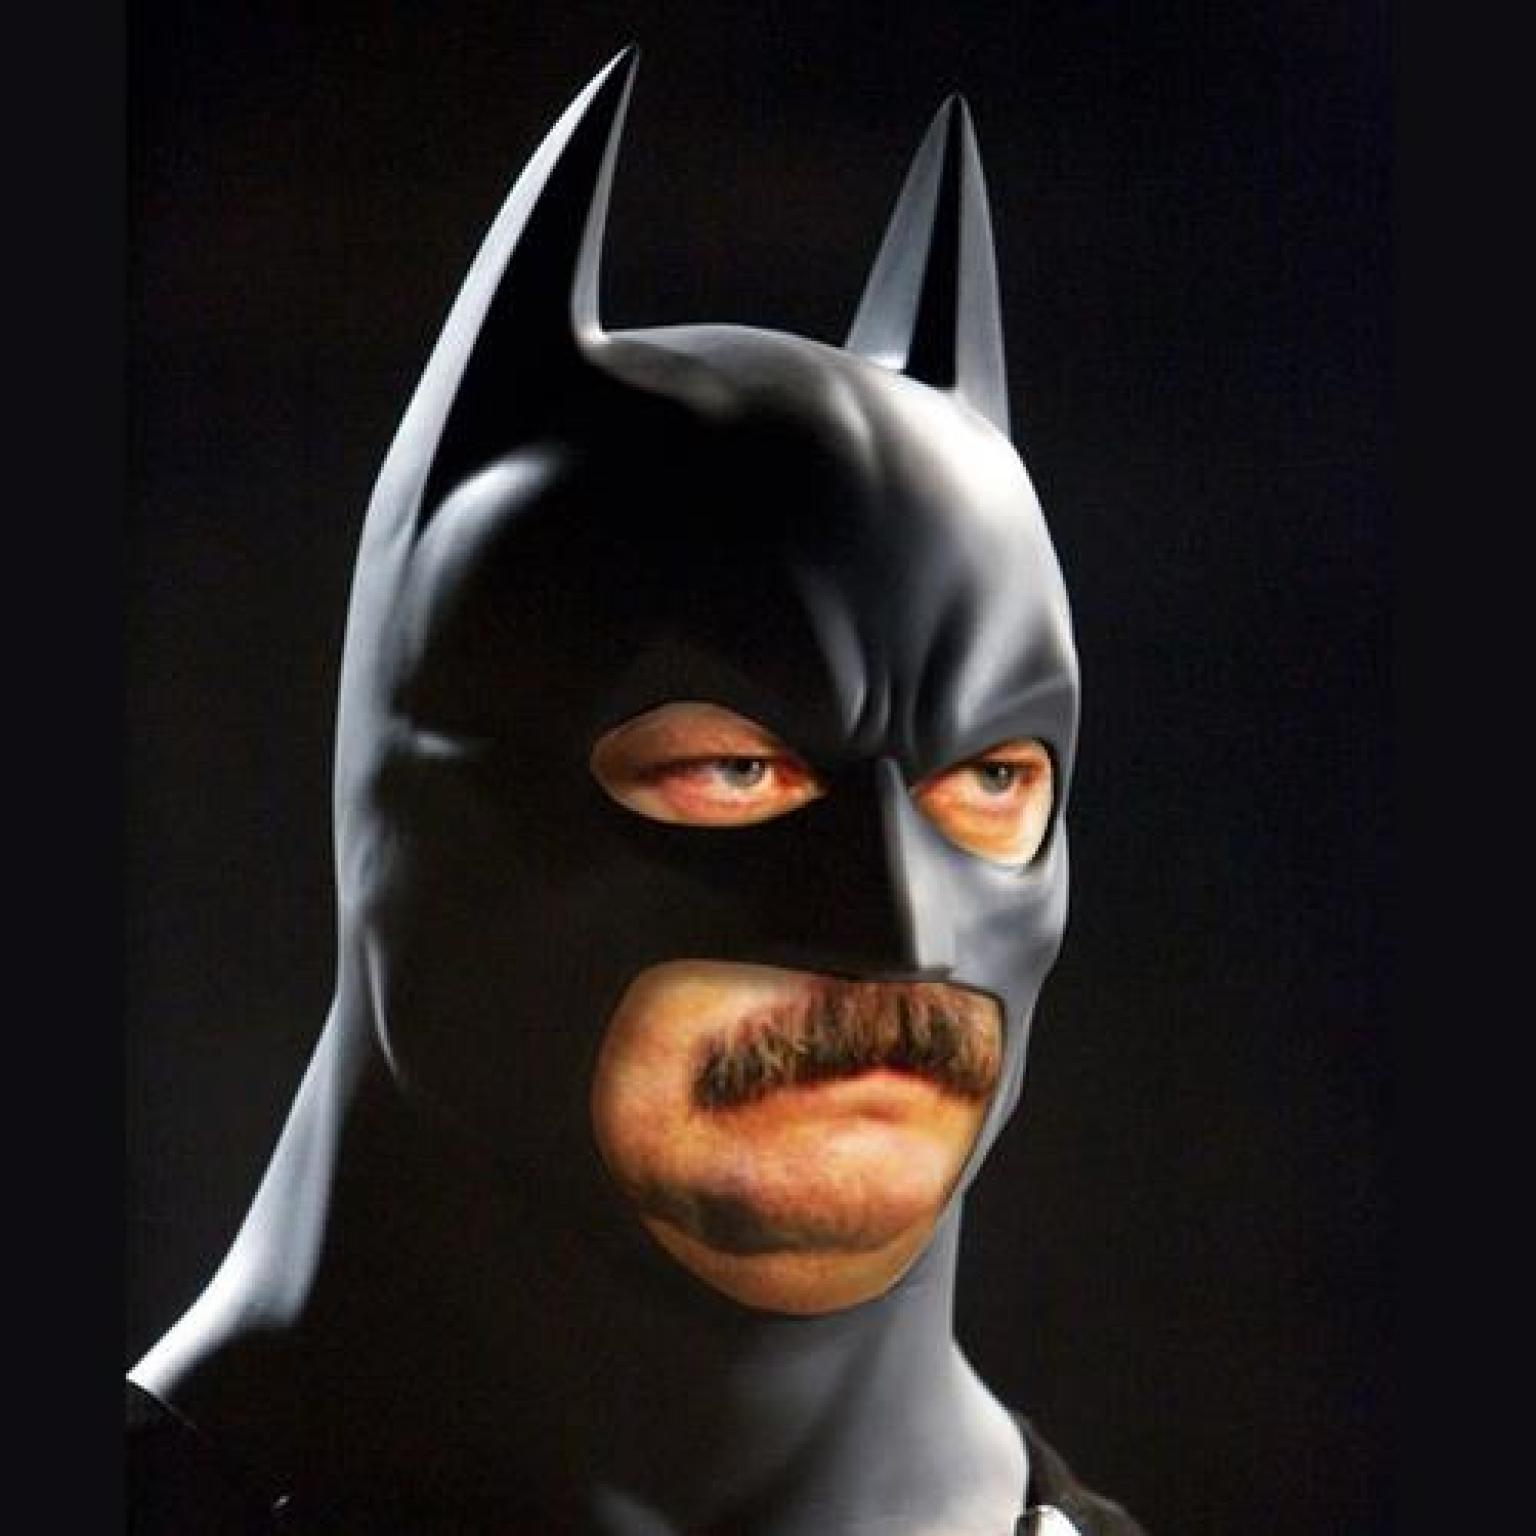 batman swanson ron funny meme face bat 500 cool